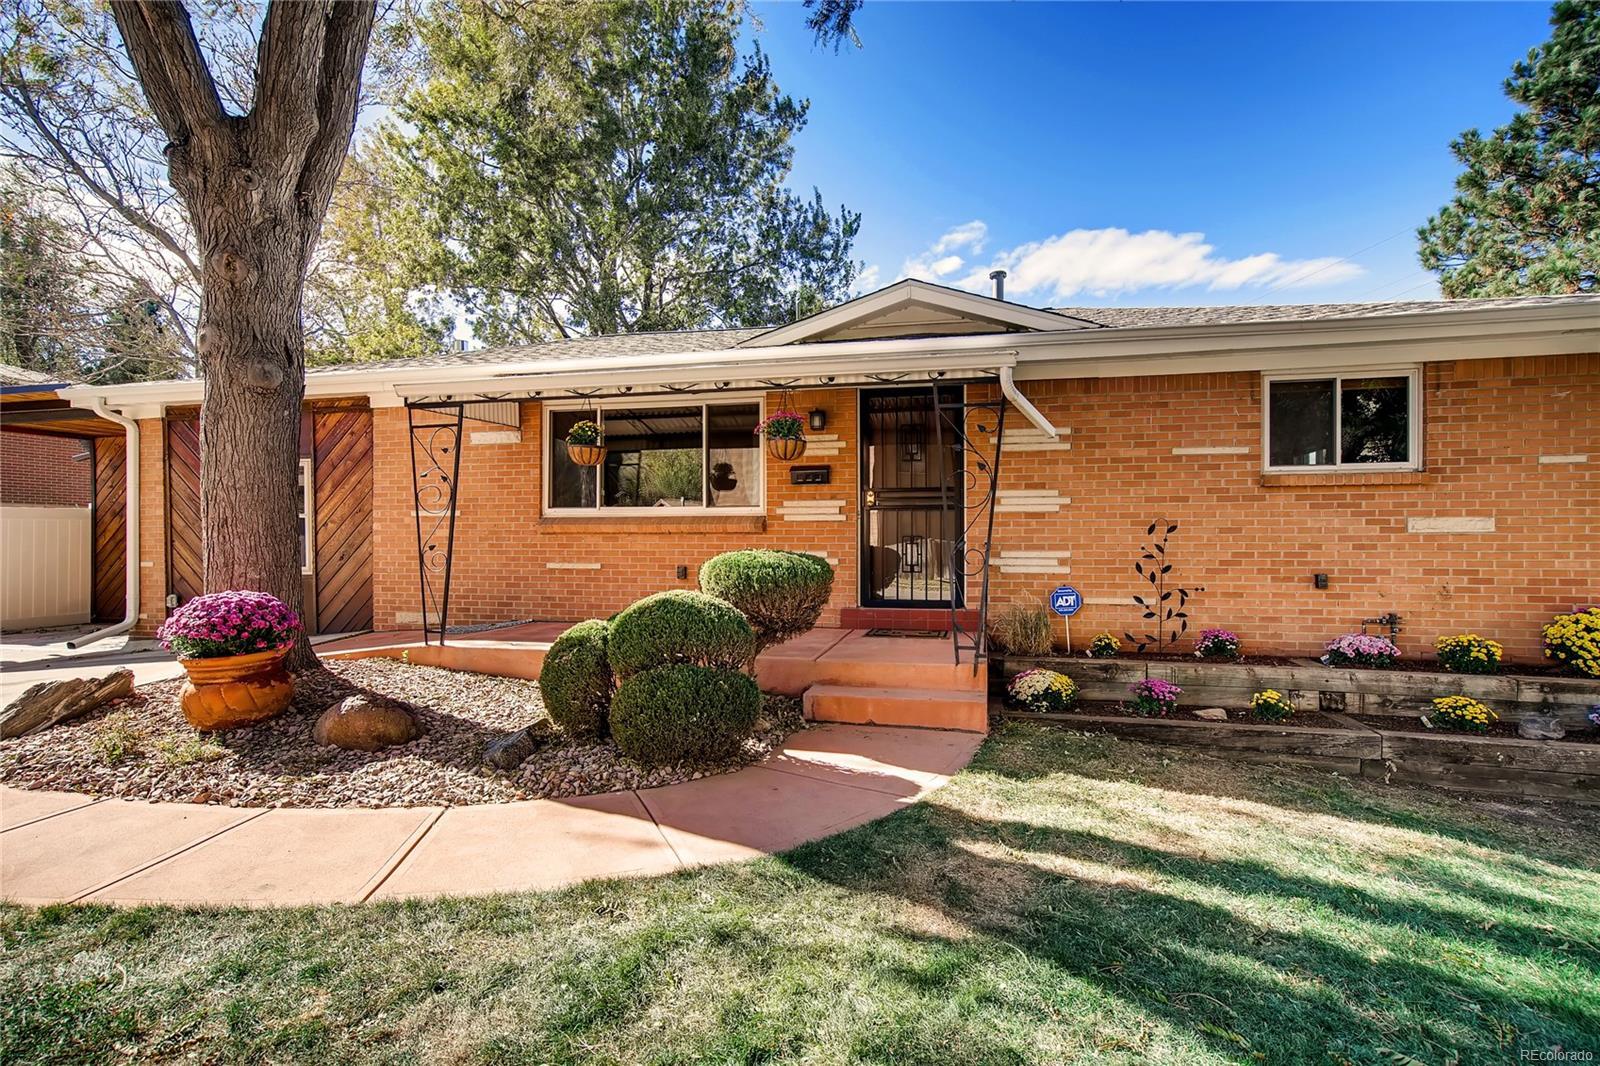 5185 Benton Street, Denver, CO 80212 - Denver, CO real estate listing